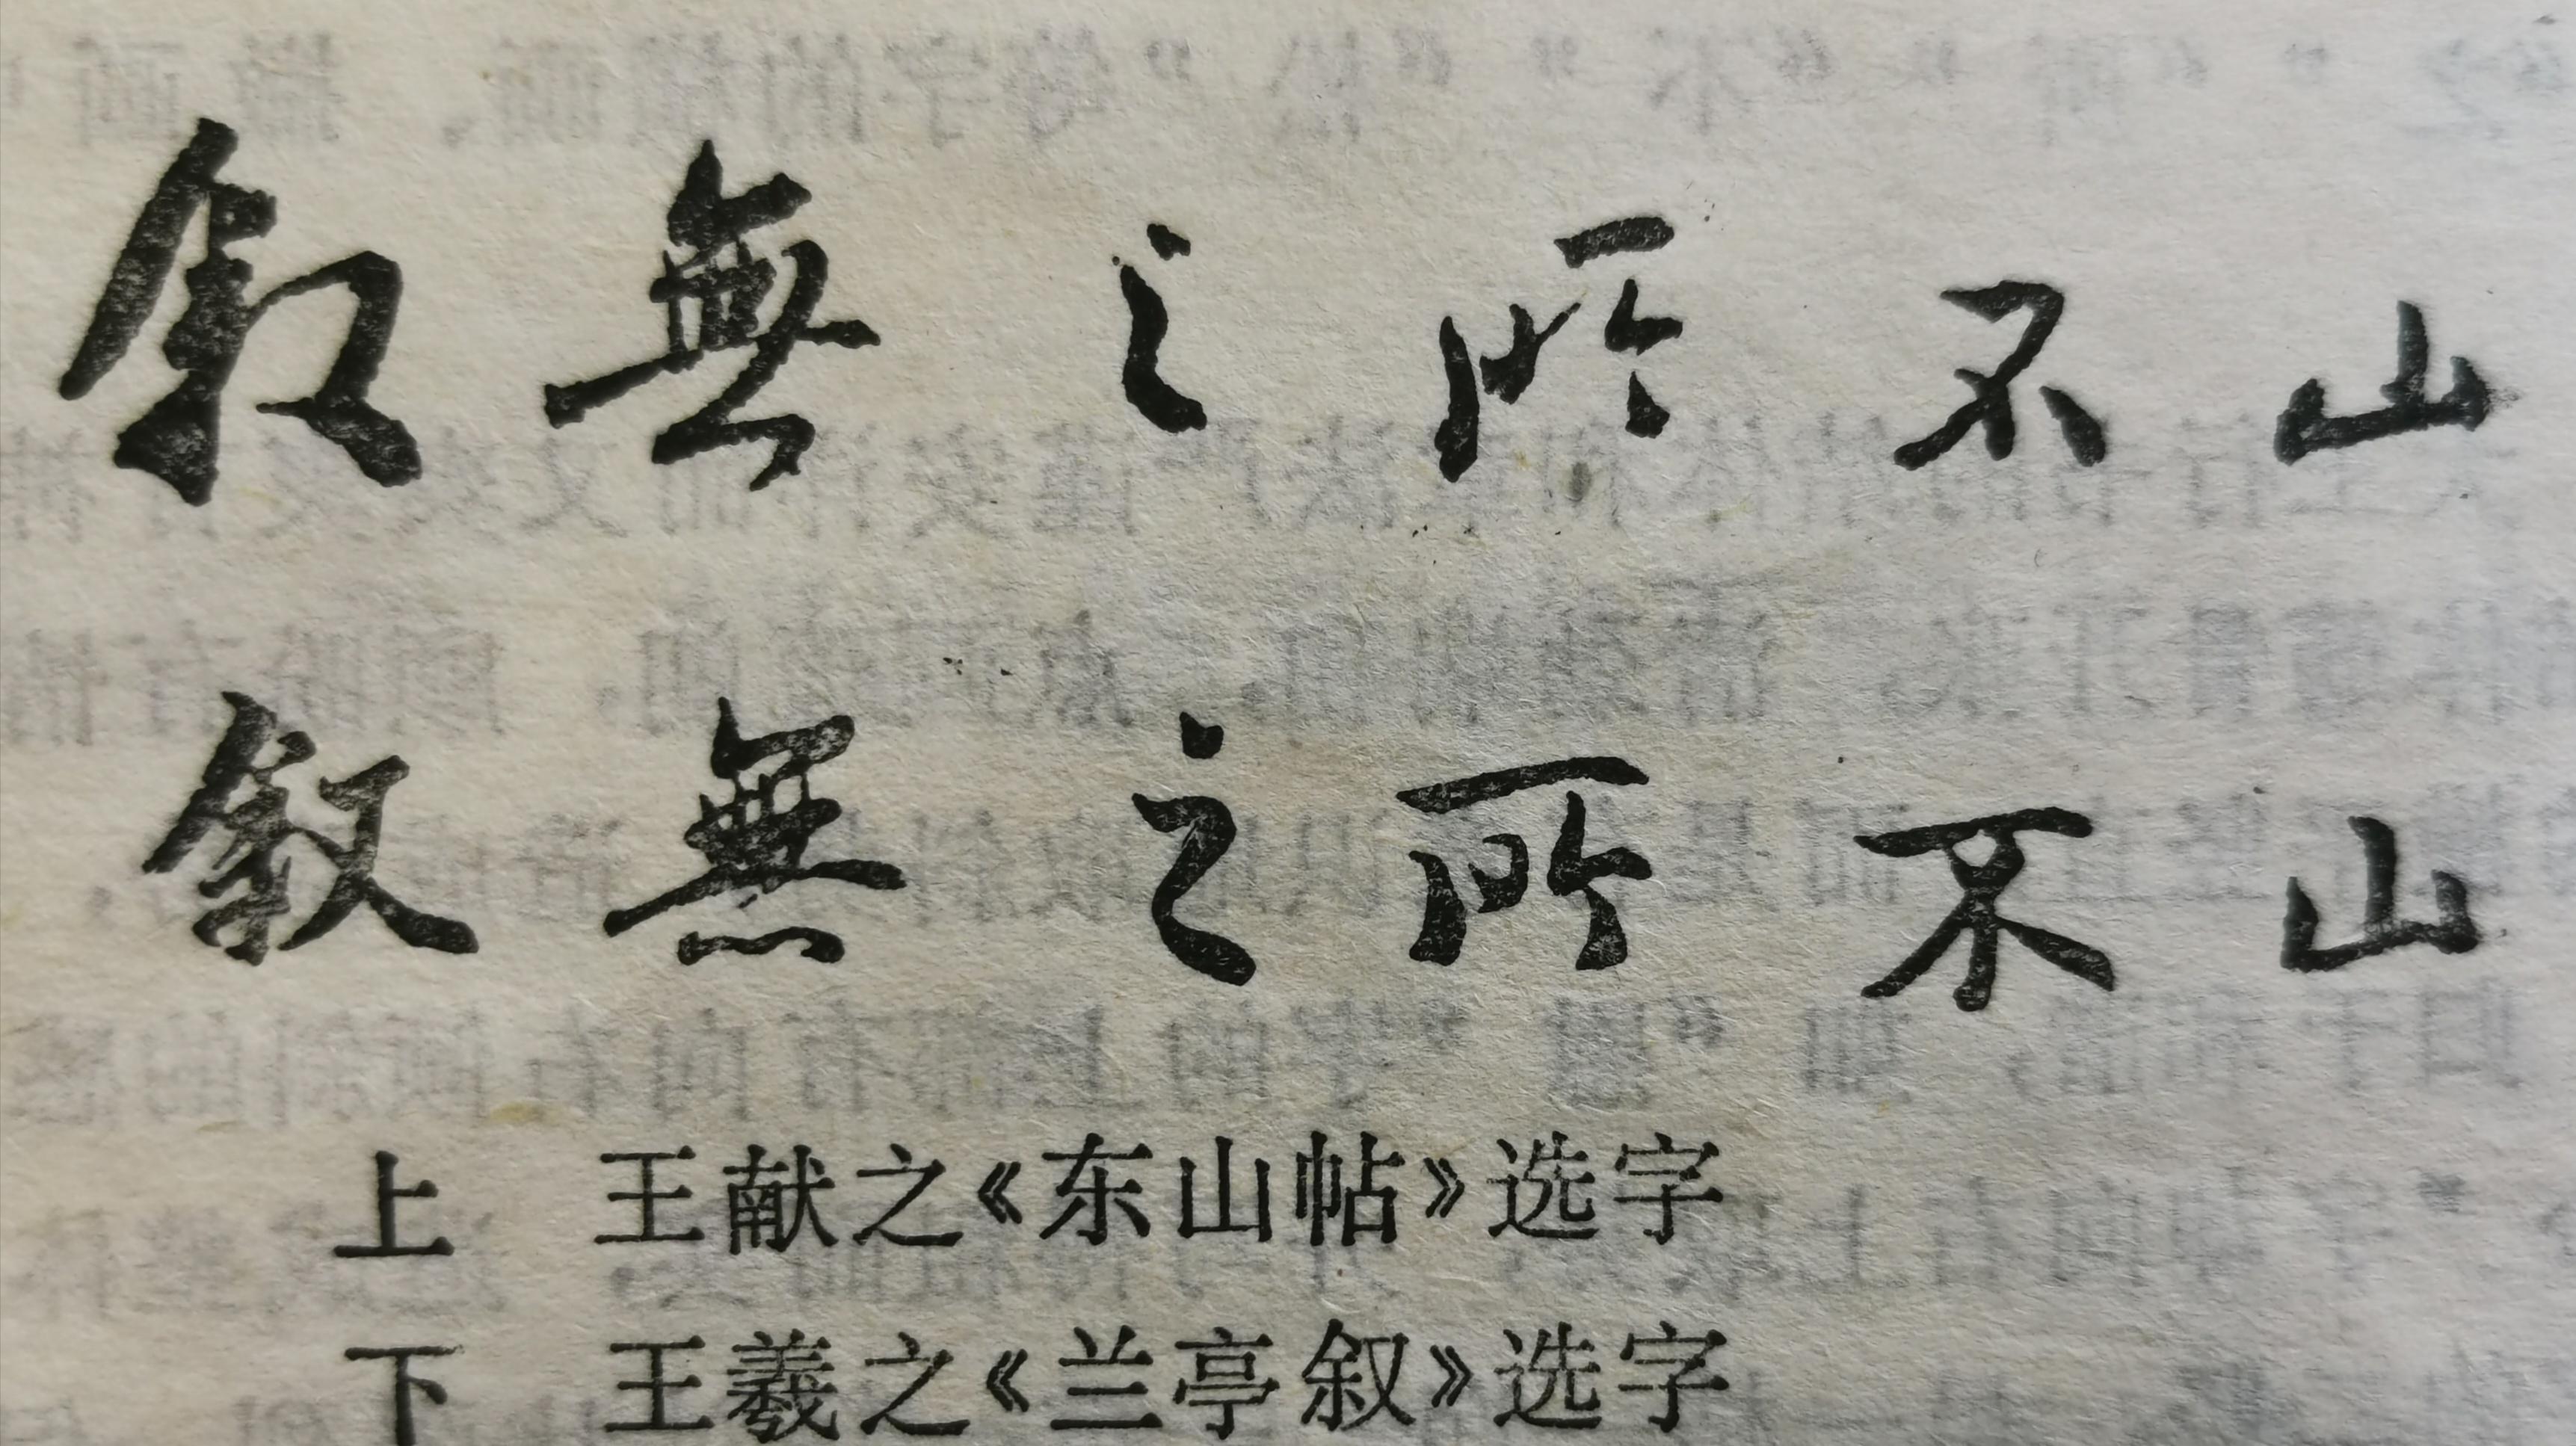 天庐:妍润儒雅的王献之行书